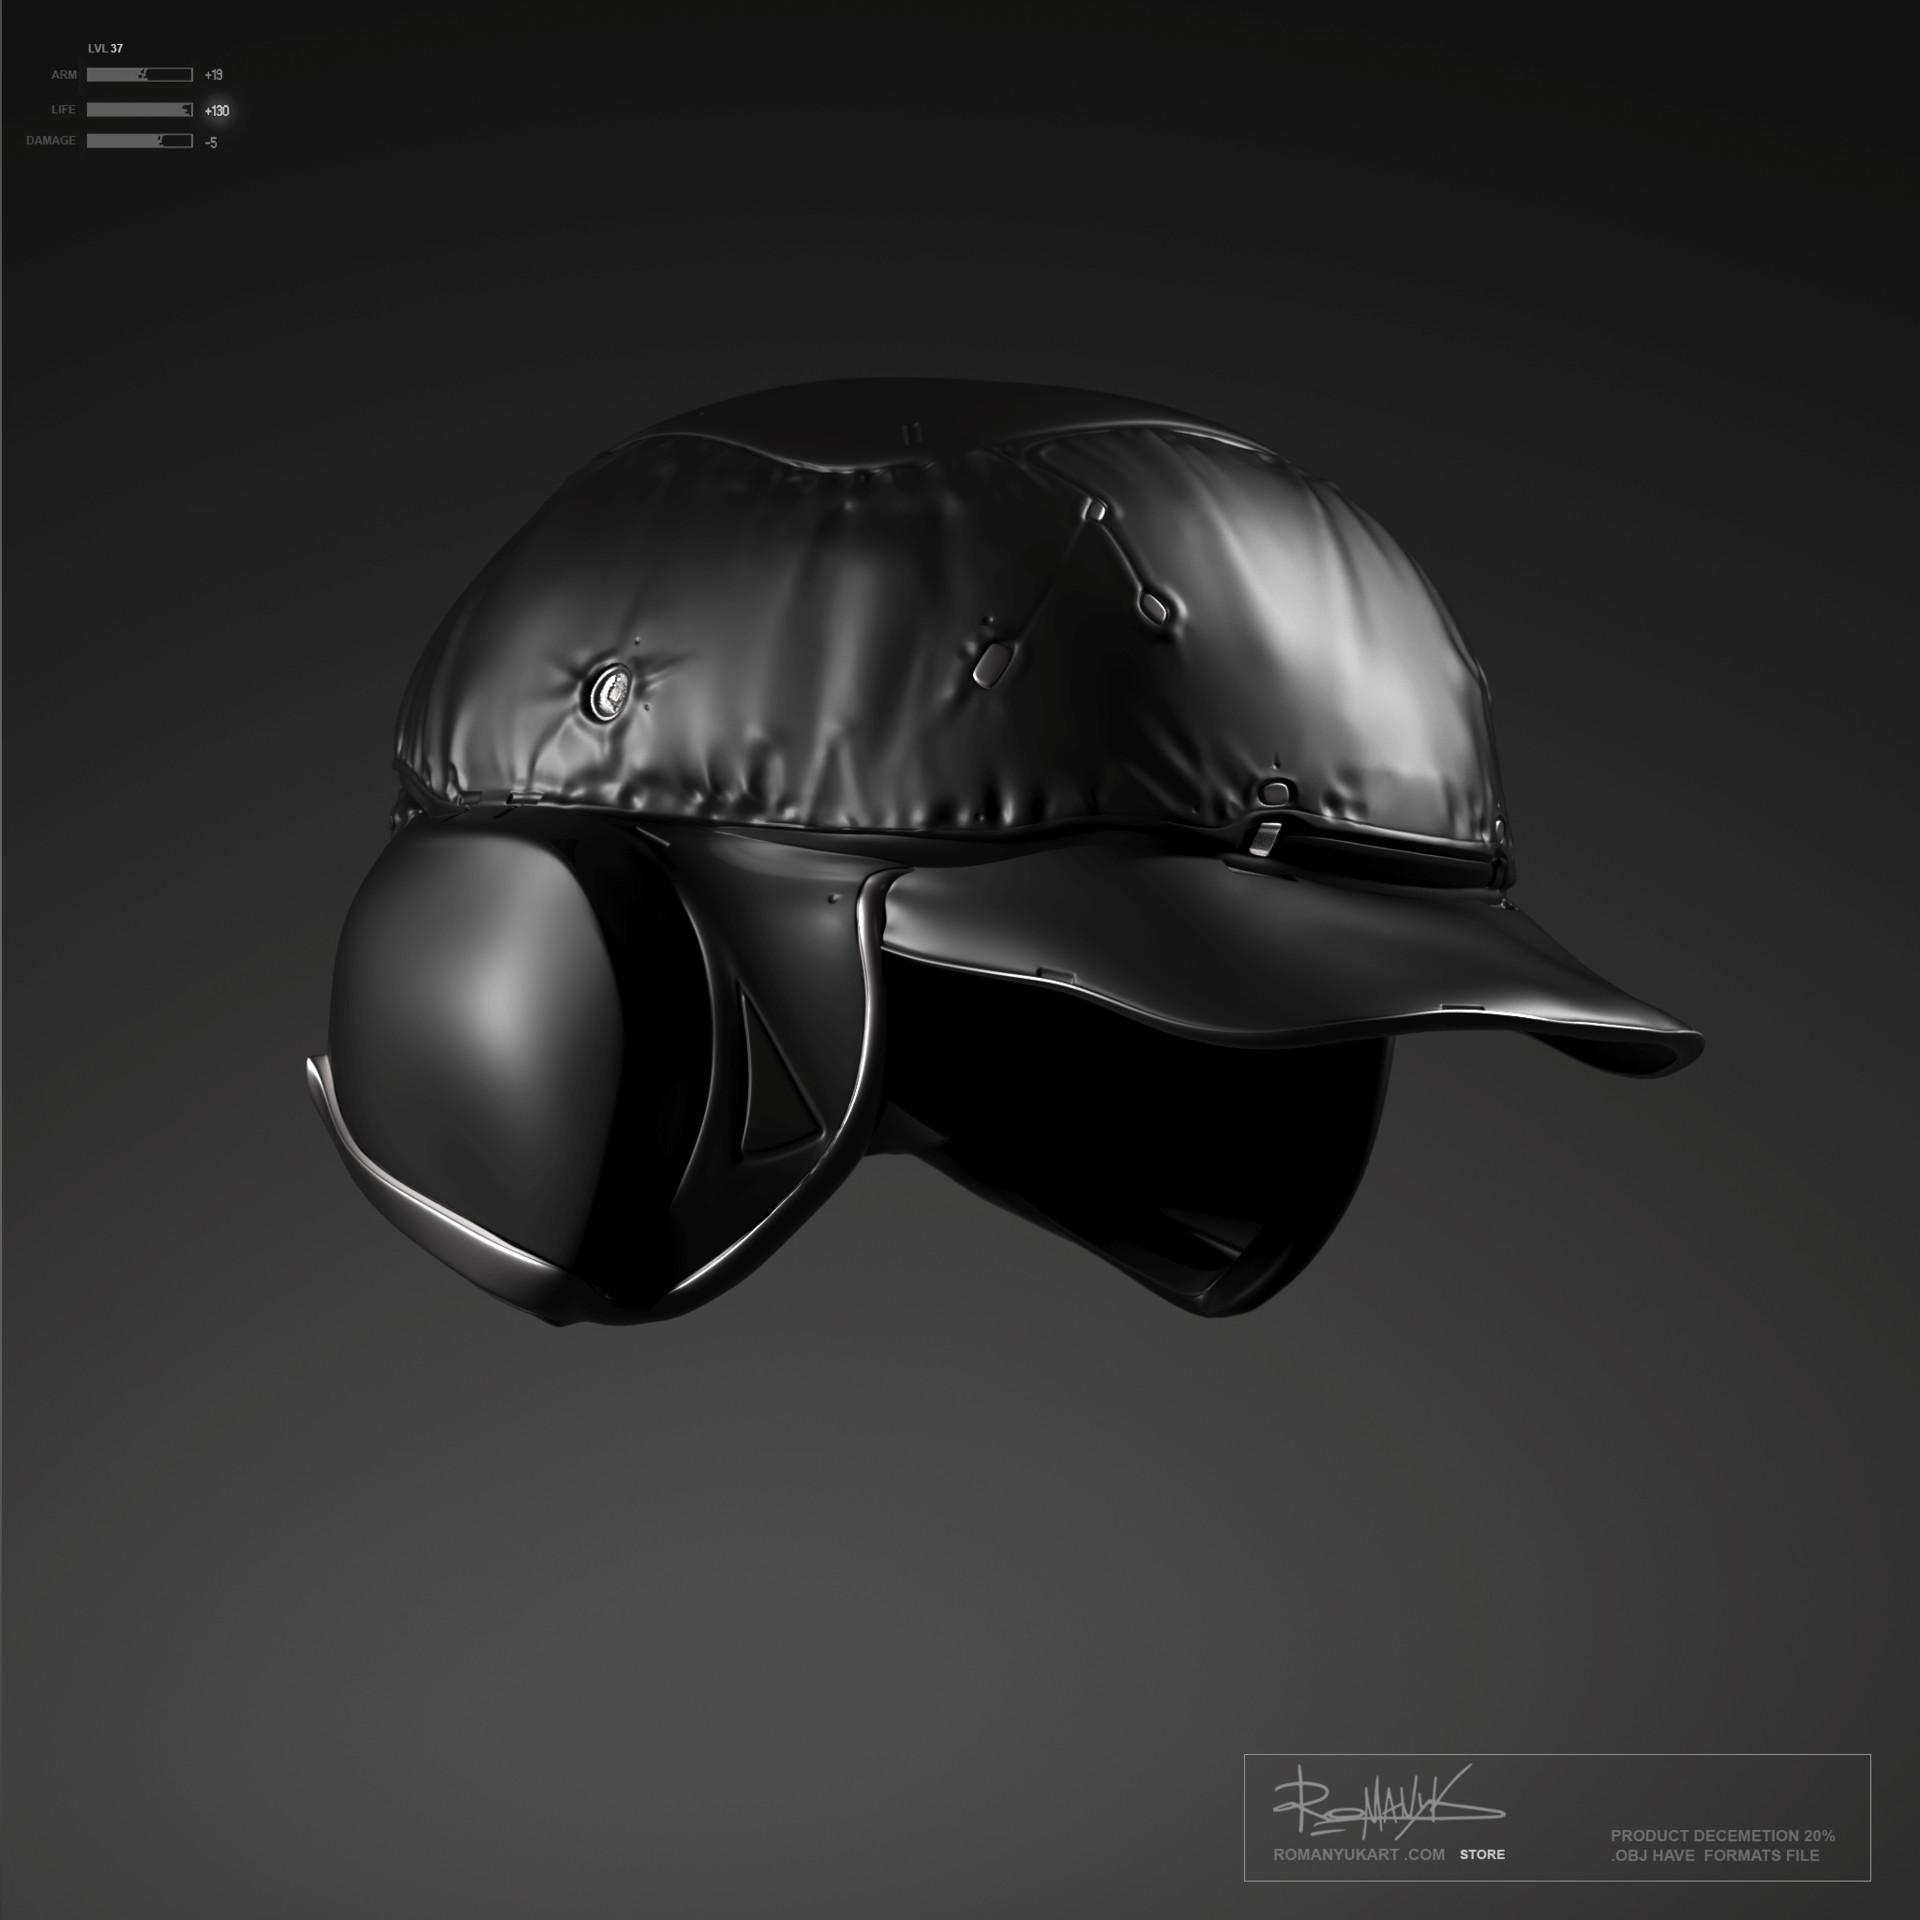 Yuriy romanyk helmet1s22